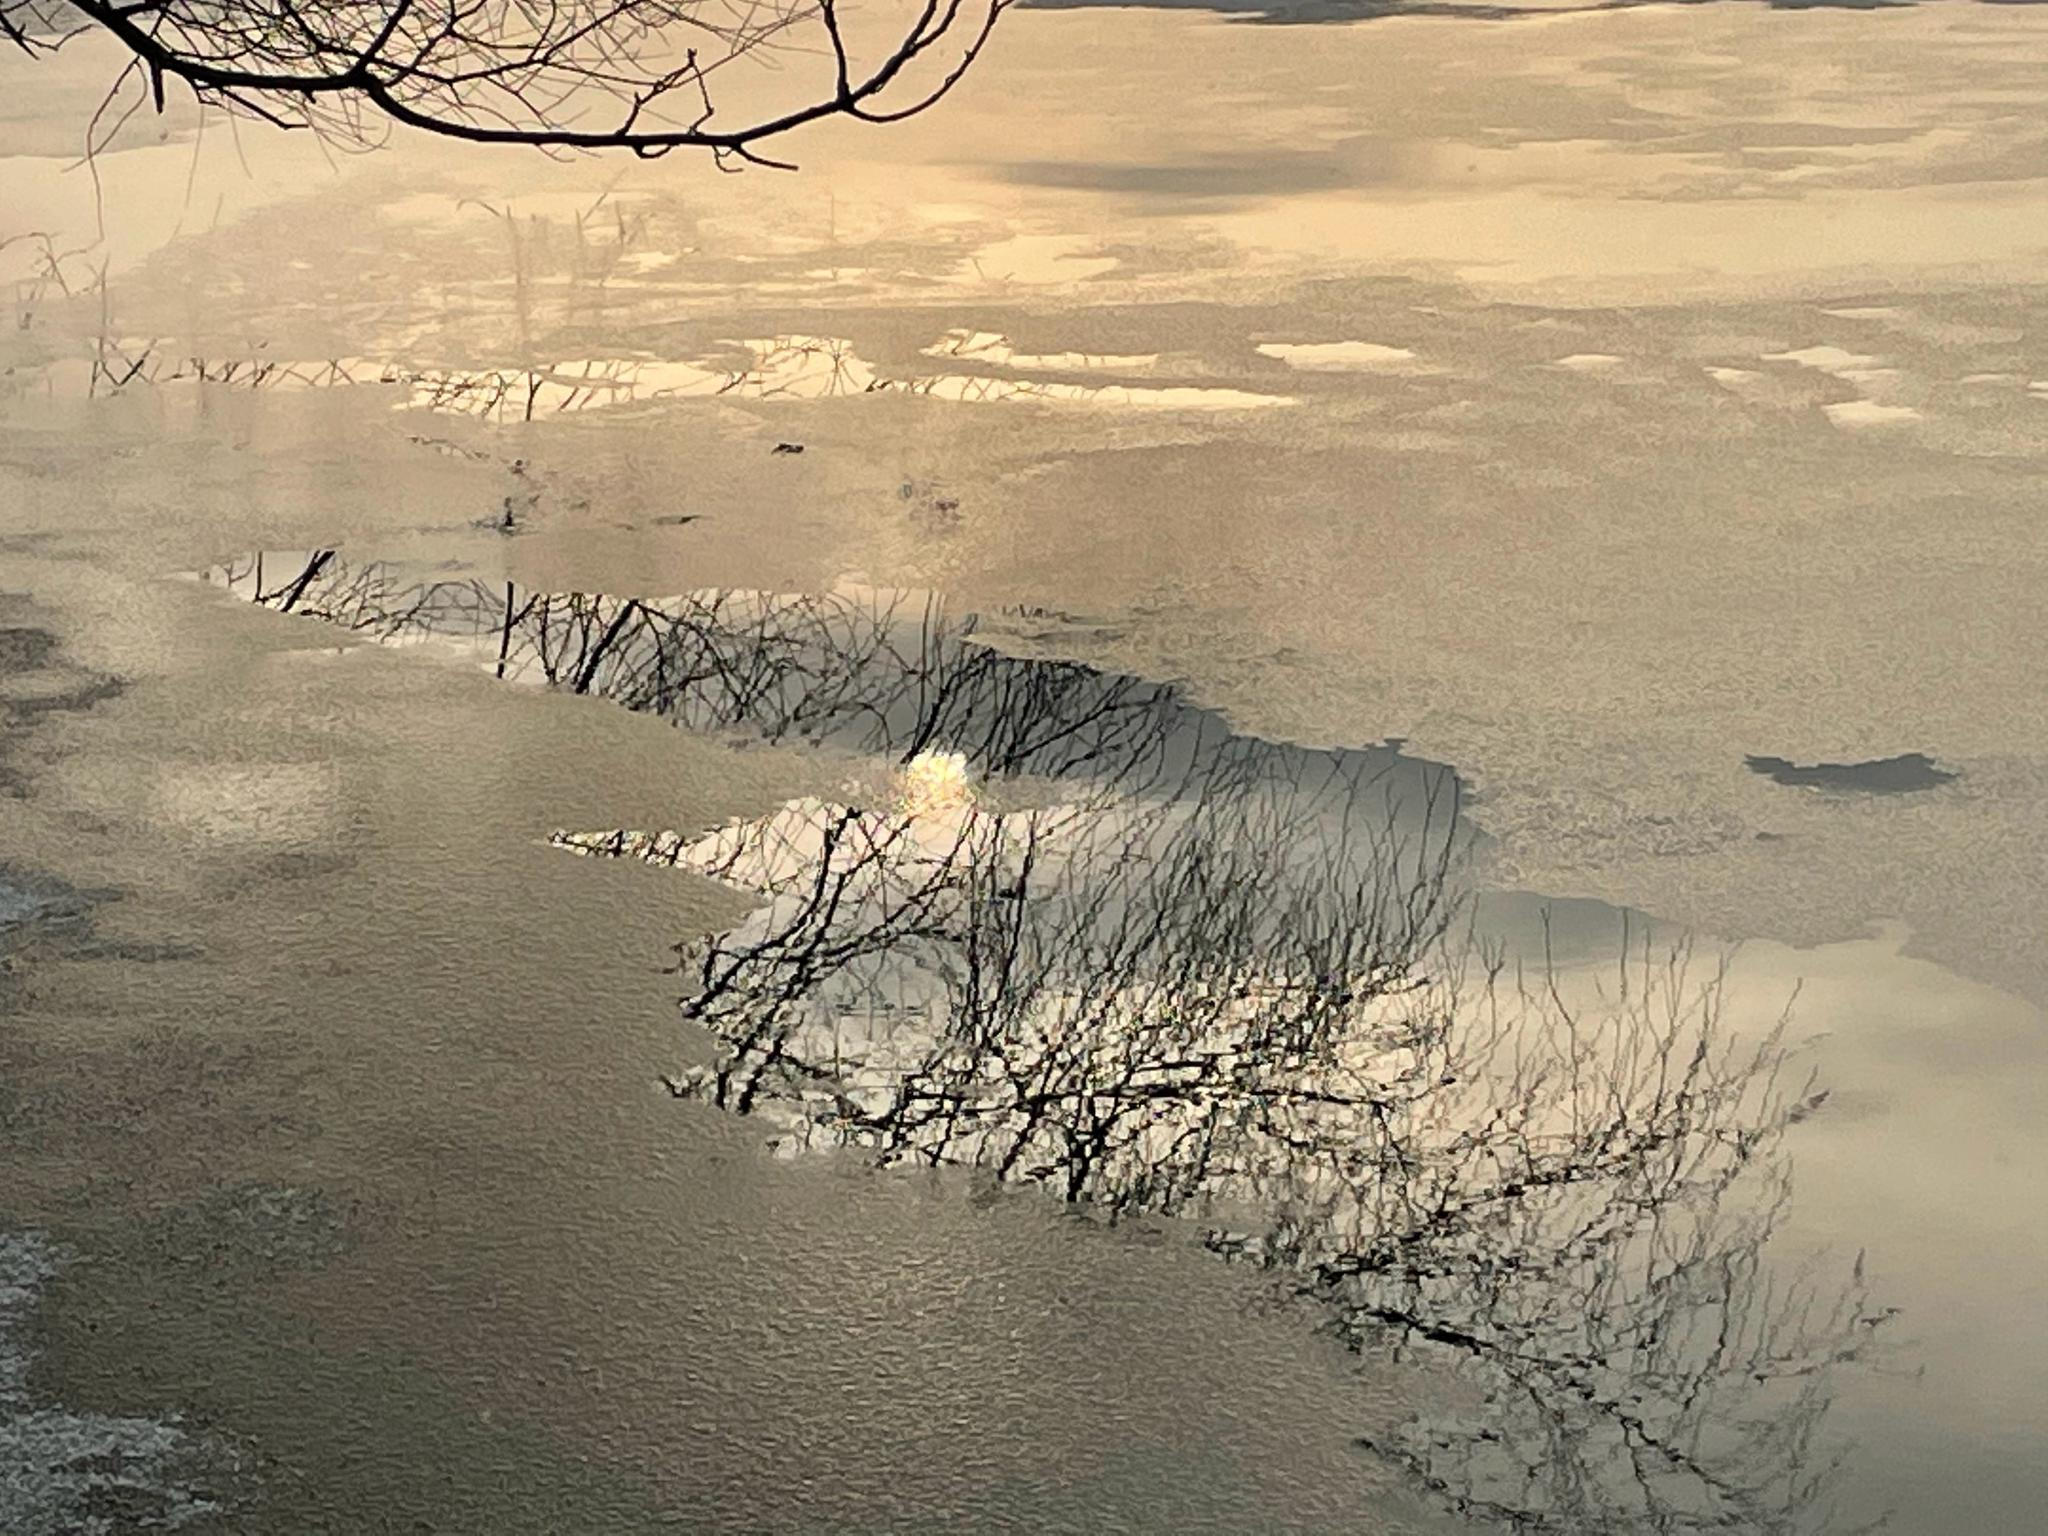 晨练时留恋雪中风景,一动一静之间浮想联翩……